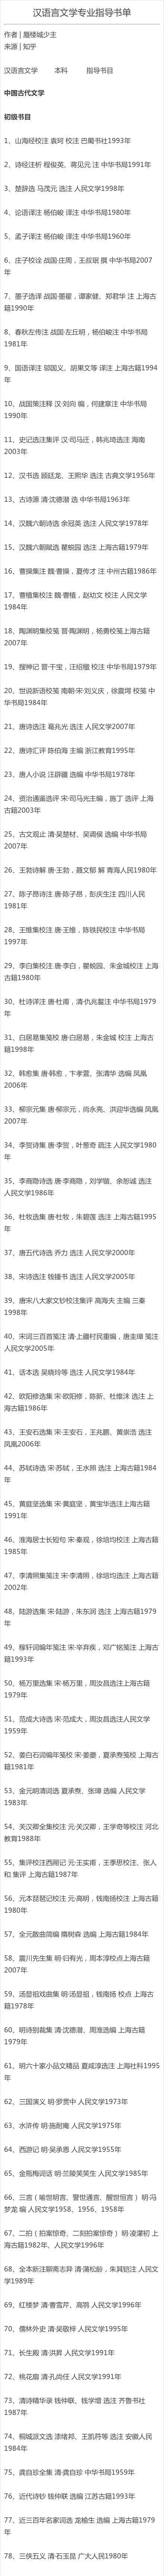 汉语言文学专业指导书单,马住!